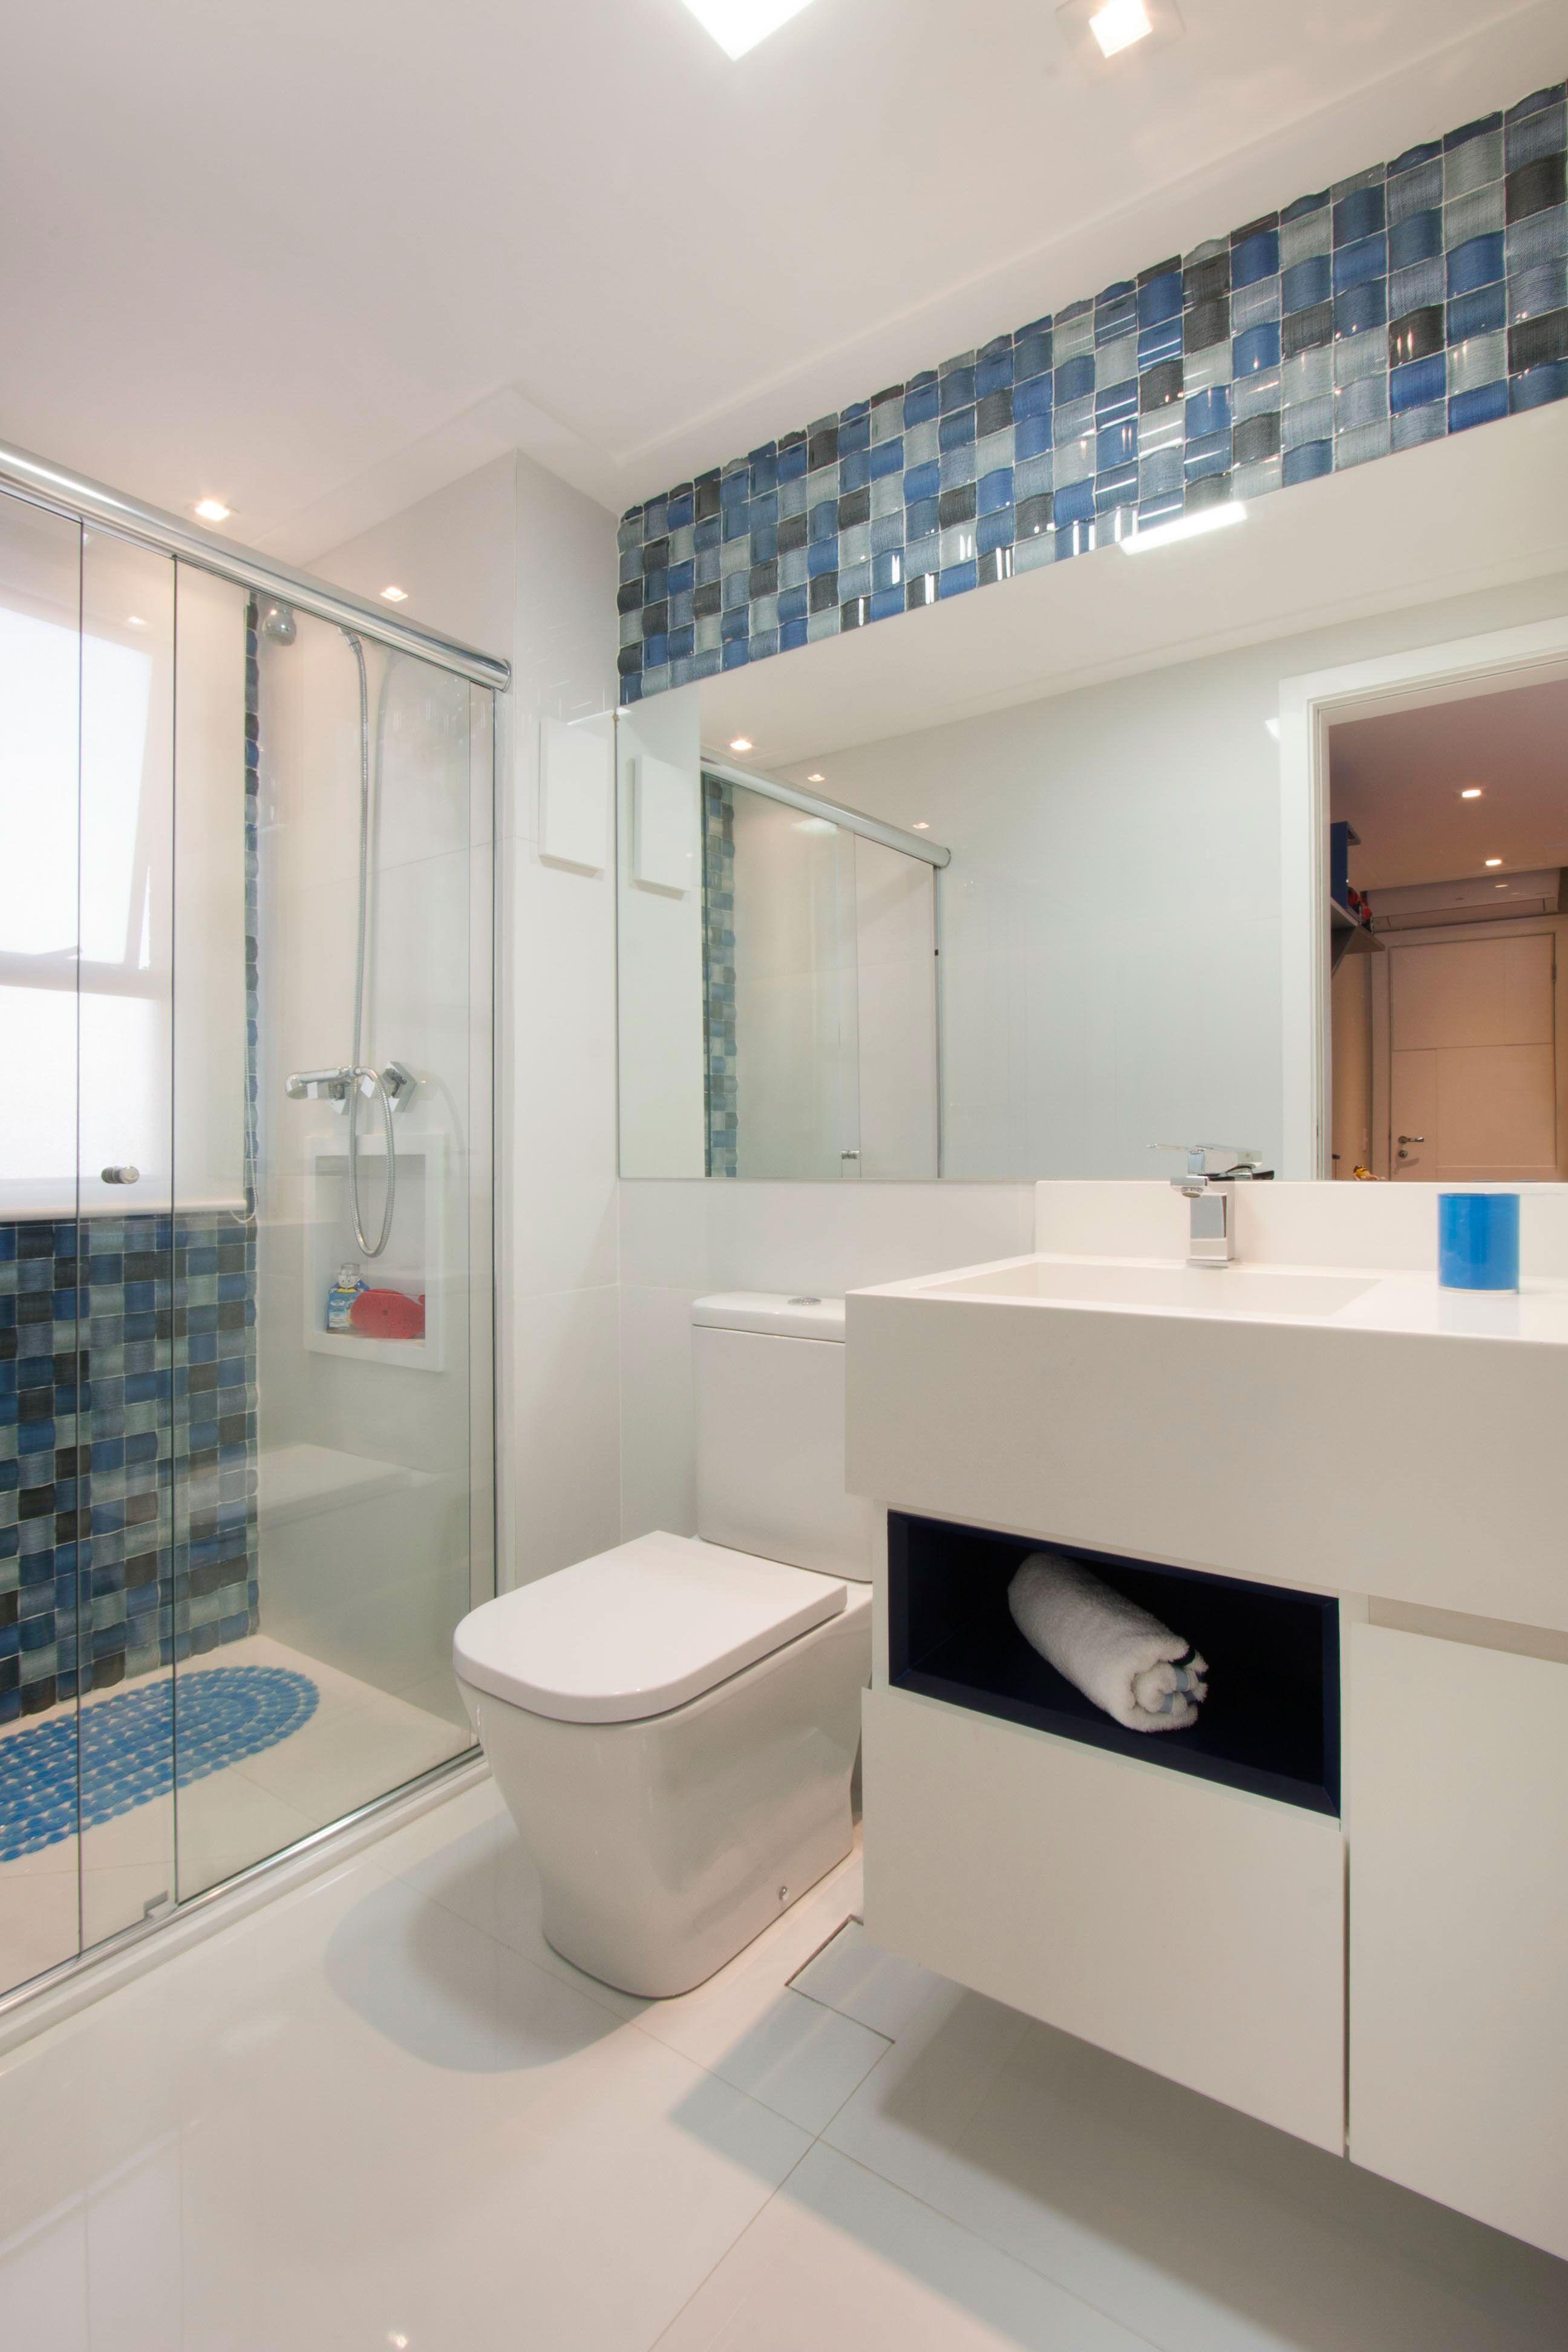 O nicho em outra cor quebra o visual monótono do banheiro.